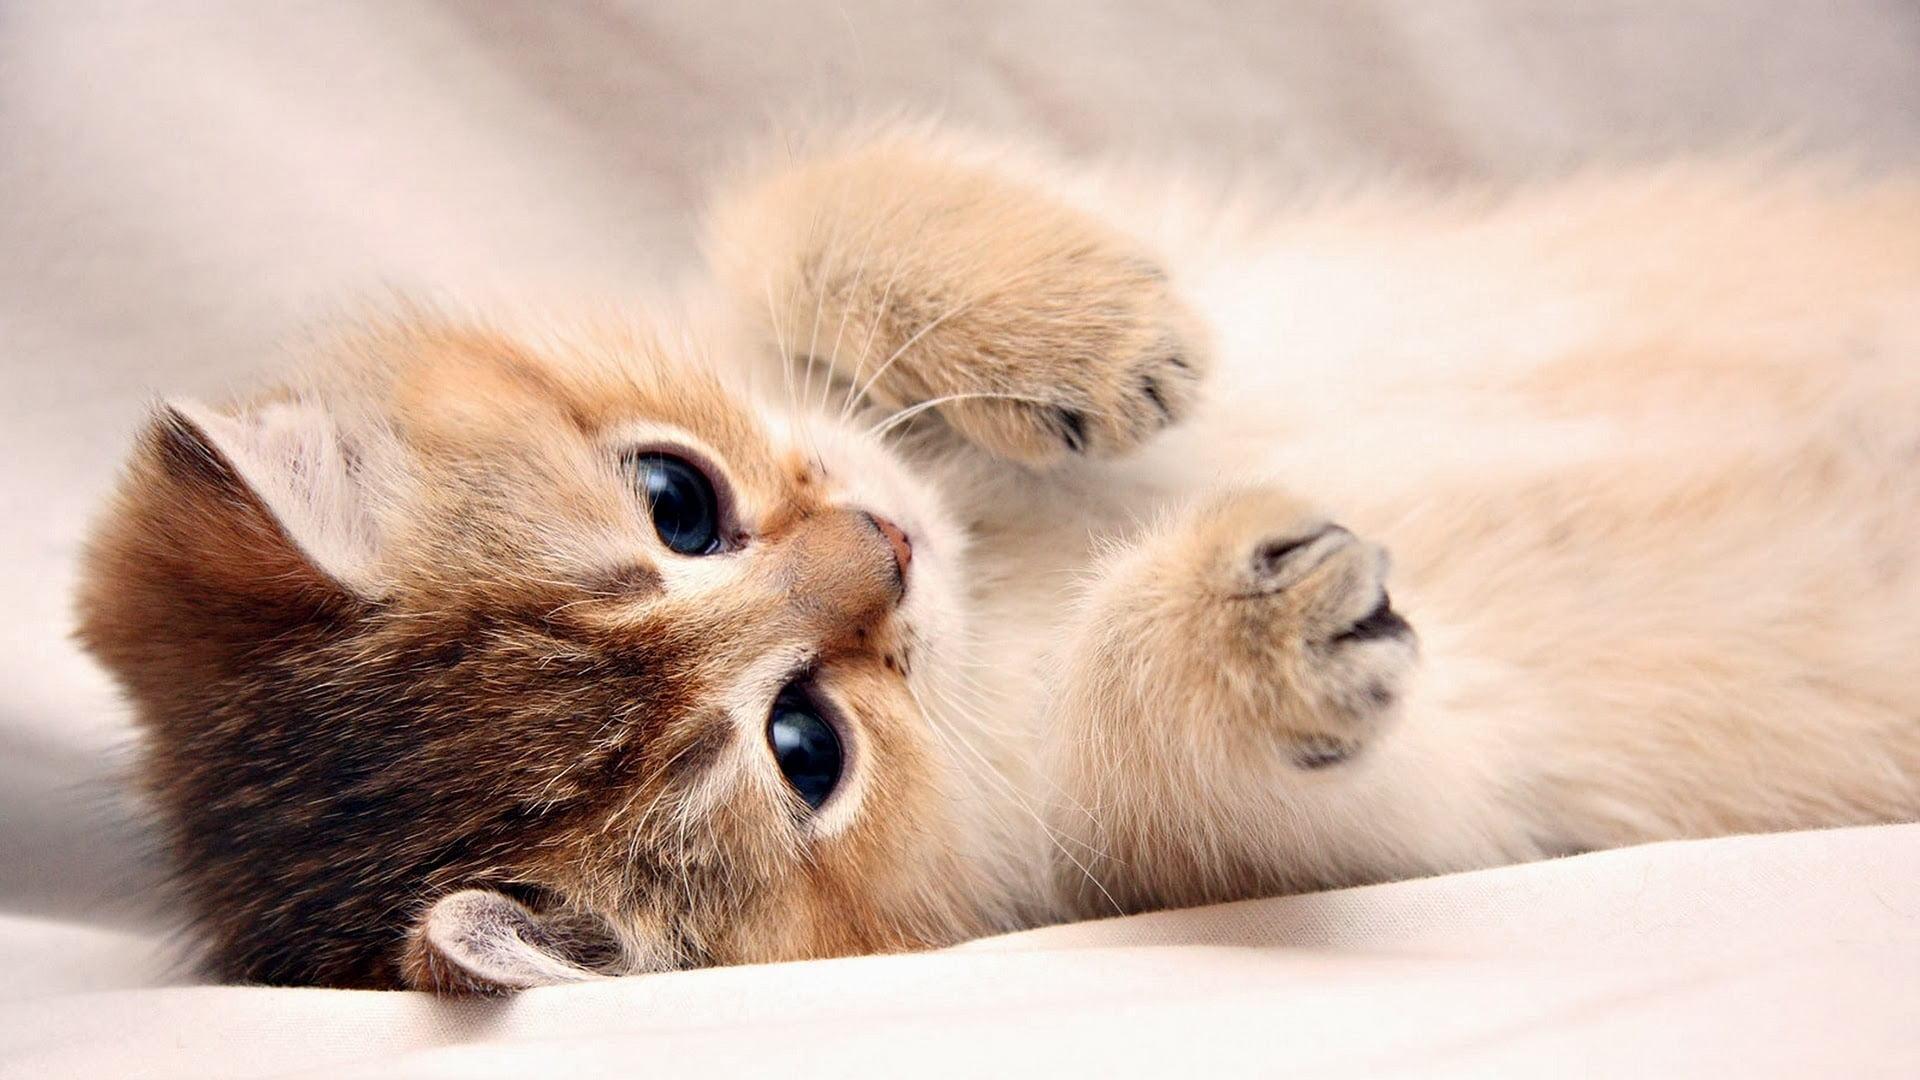 Hình ảnh những tư thế tinh nghịch của chú mèo con trông rất đáng yêu